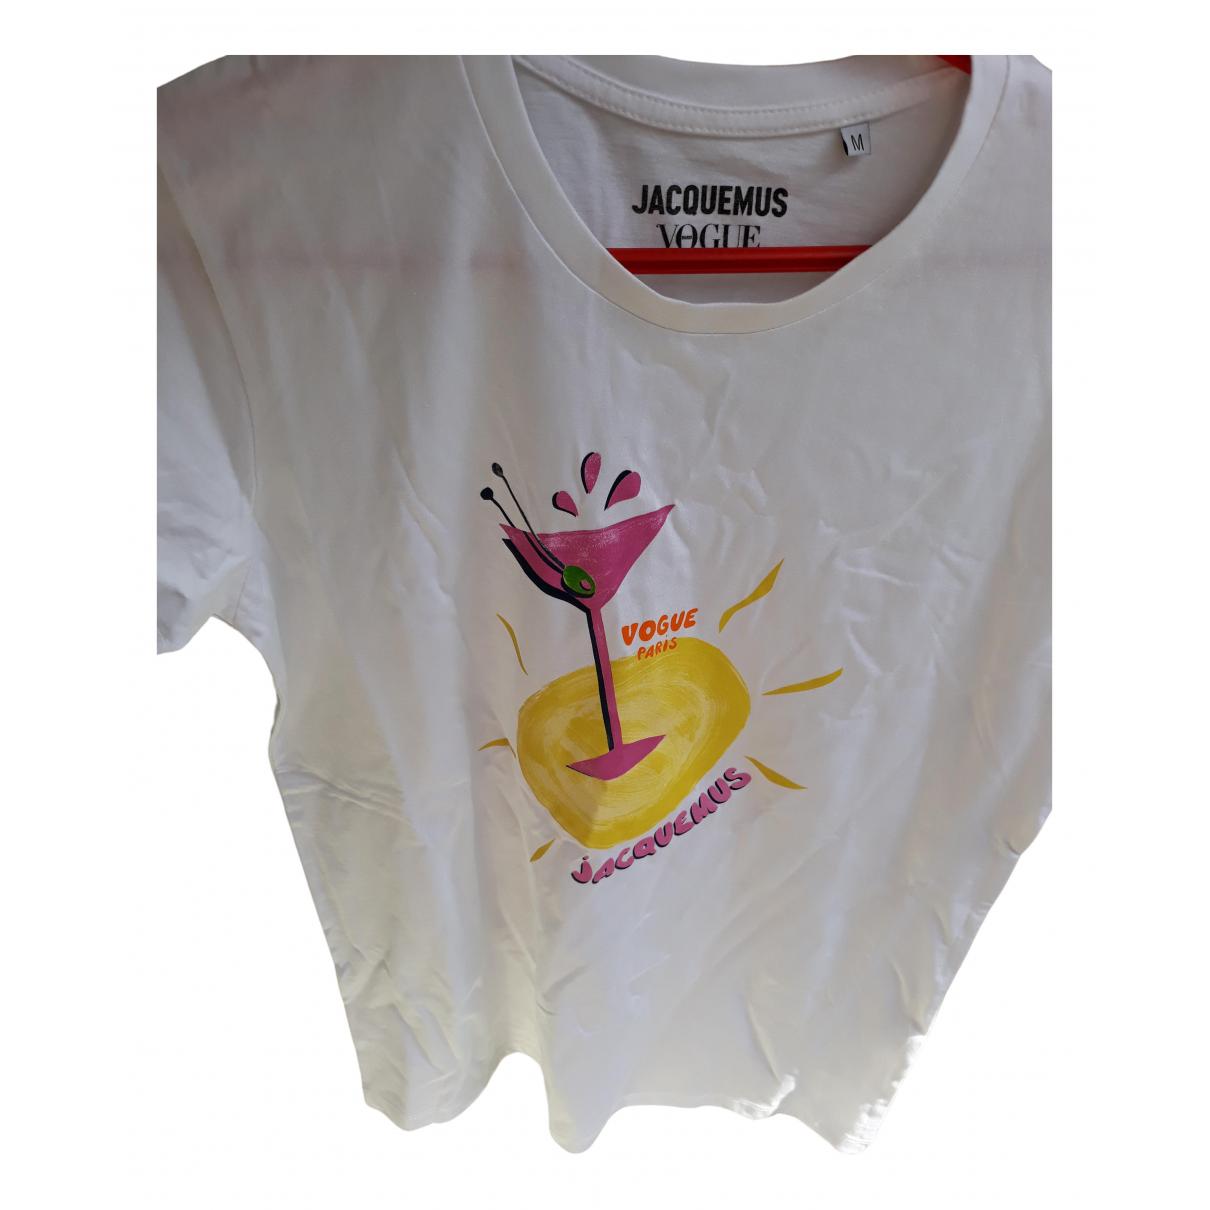 Camiseta Jacquemus